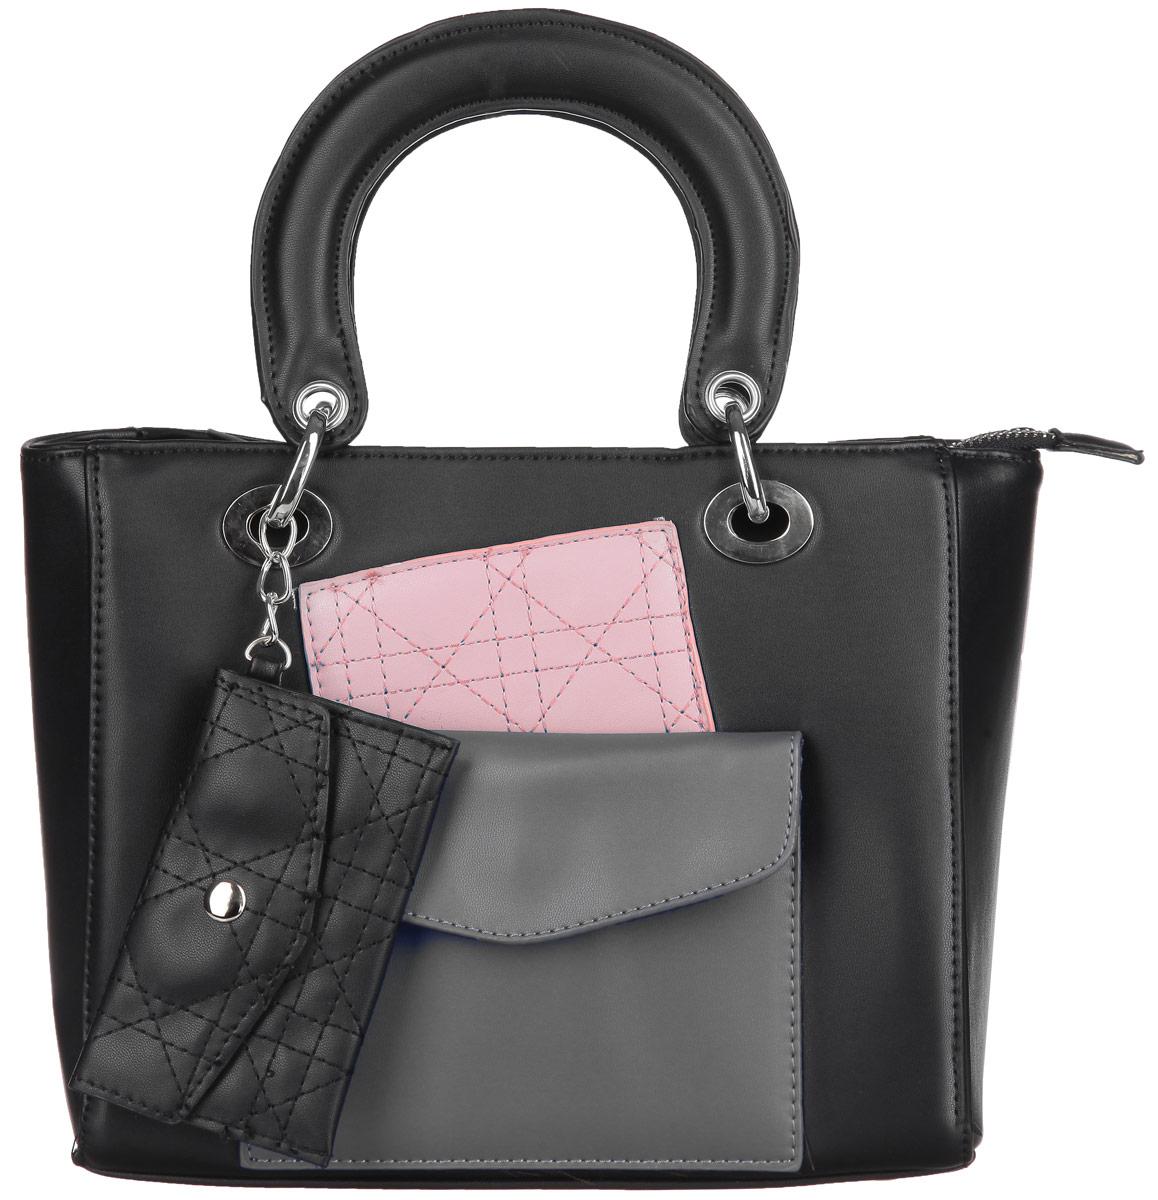 Сумка женская Ors Oro, цвет: черный, розовый, хаки. D-12971069с-2Стильная сумка Ors Oro выполнена из экокожи, оформлена вставками из искусственной кожи контрастных оттенков и дополнена подвеской с декоративным кошельком.Изделие содержит одно отделение, которое закрывается на молнию, внутри расположены два накладных кармана для телефона и мелочей, врезной карман на молнии. Снаружи, на лицевой стенке сумки расположен накладной кармана на магнитной кнопке. Изделие дополнено двумя практичными ручками с металлической фурнитурой. Дно сумки оснащено металлическими ножками.Сумка Ors Oro прекрасно дополнит образ и подчеркнет ваш неповторимый стиль.